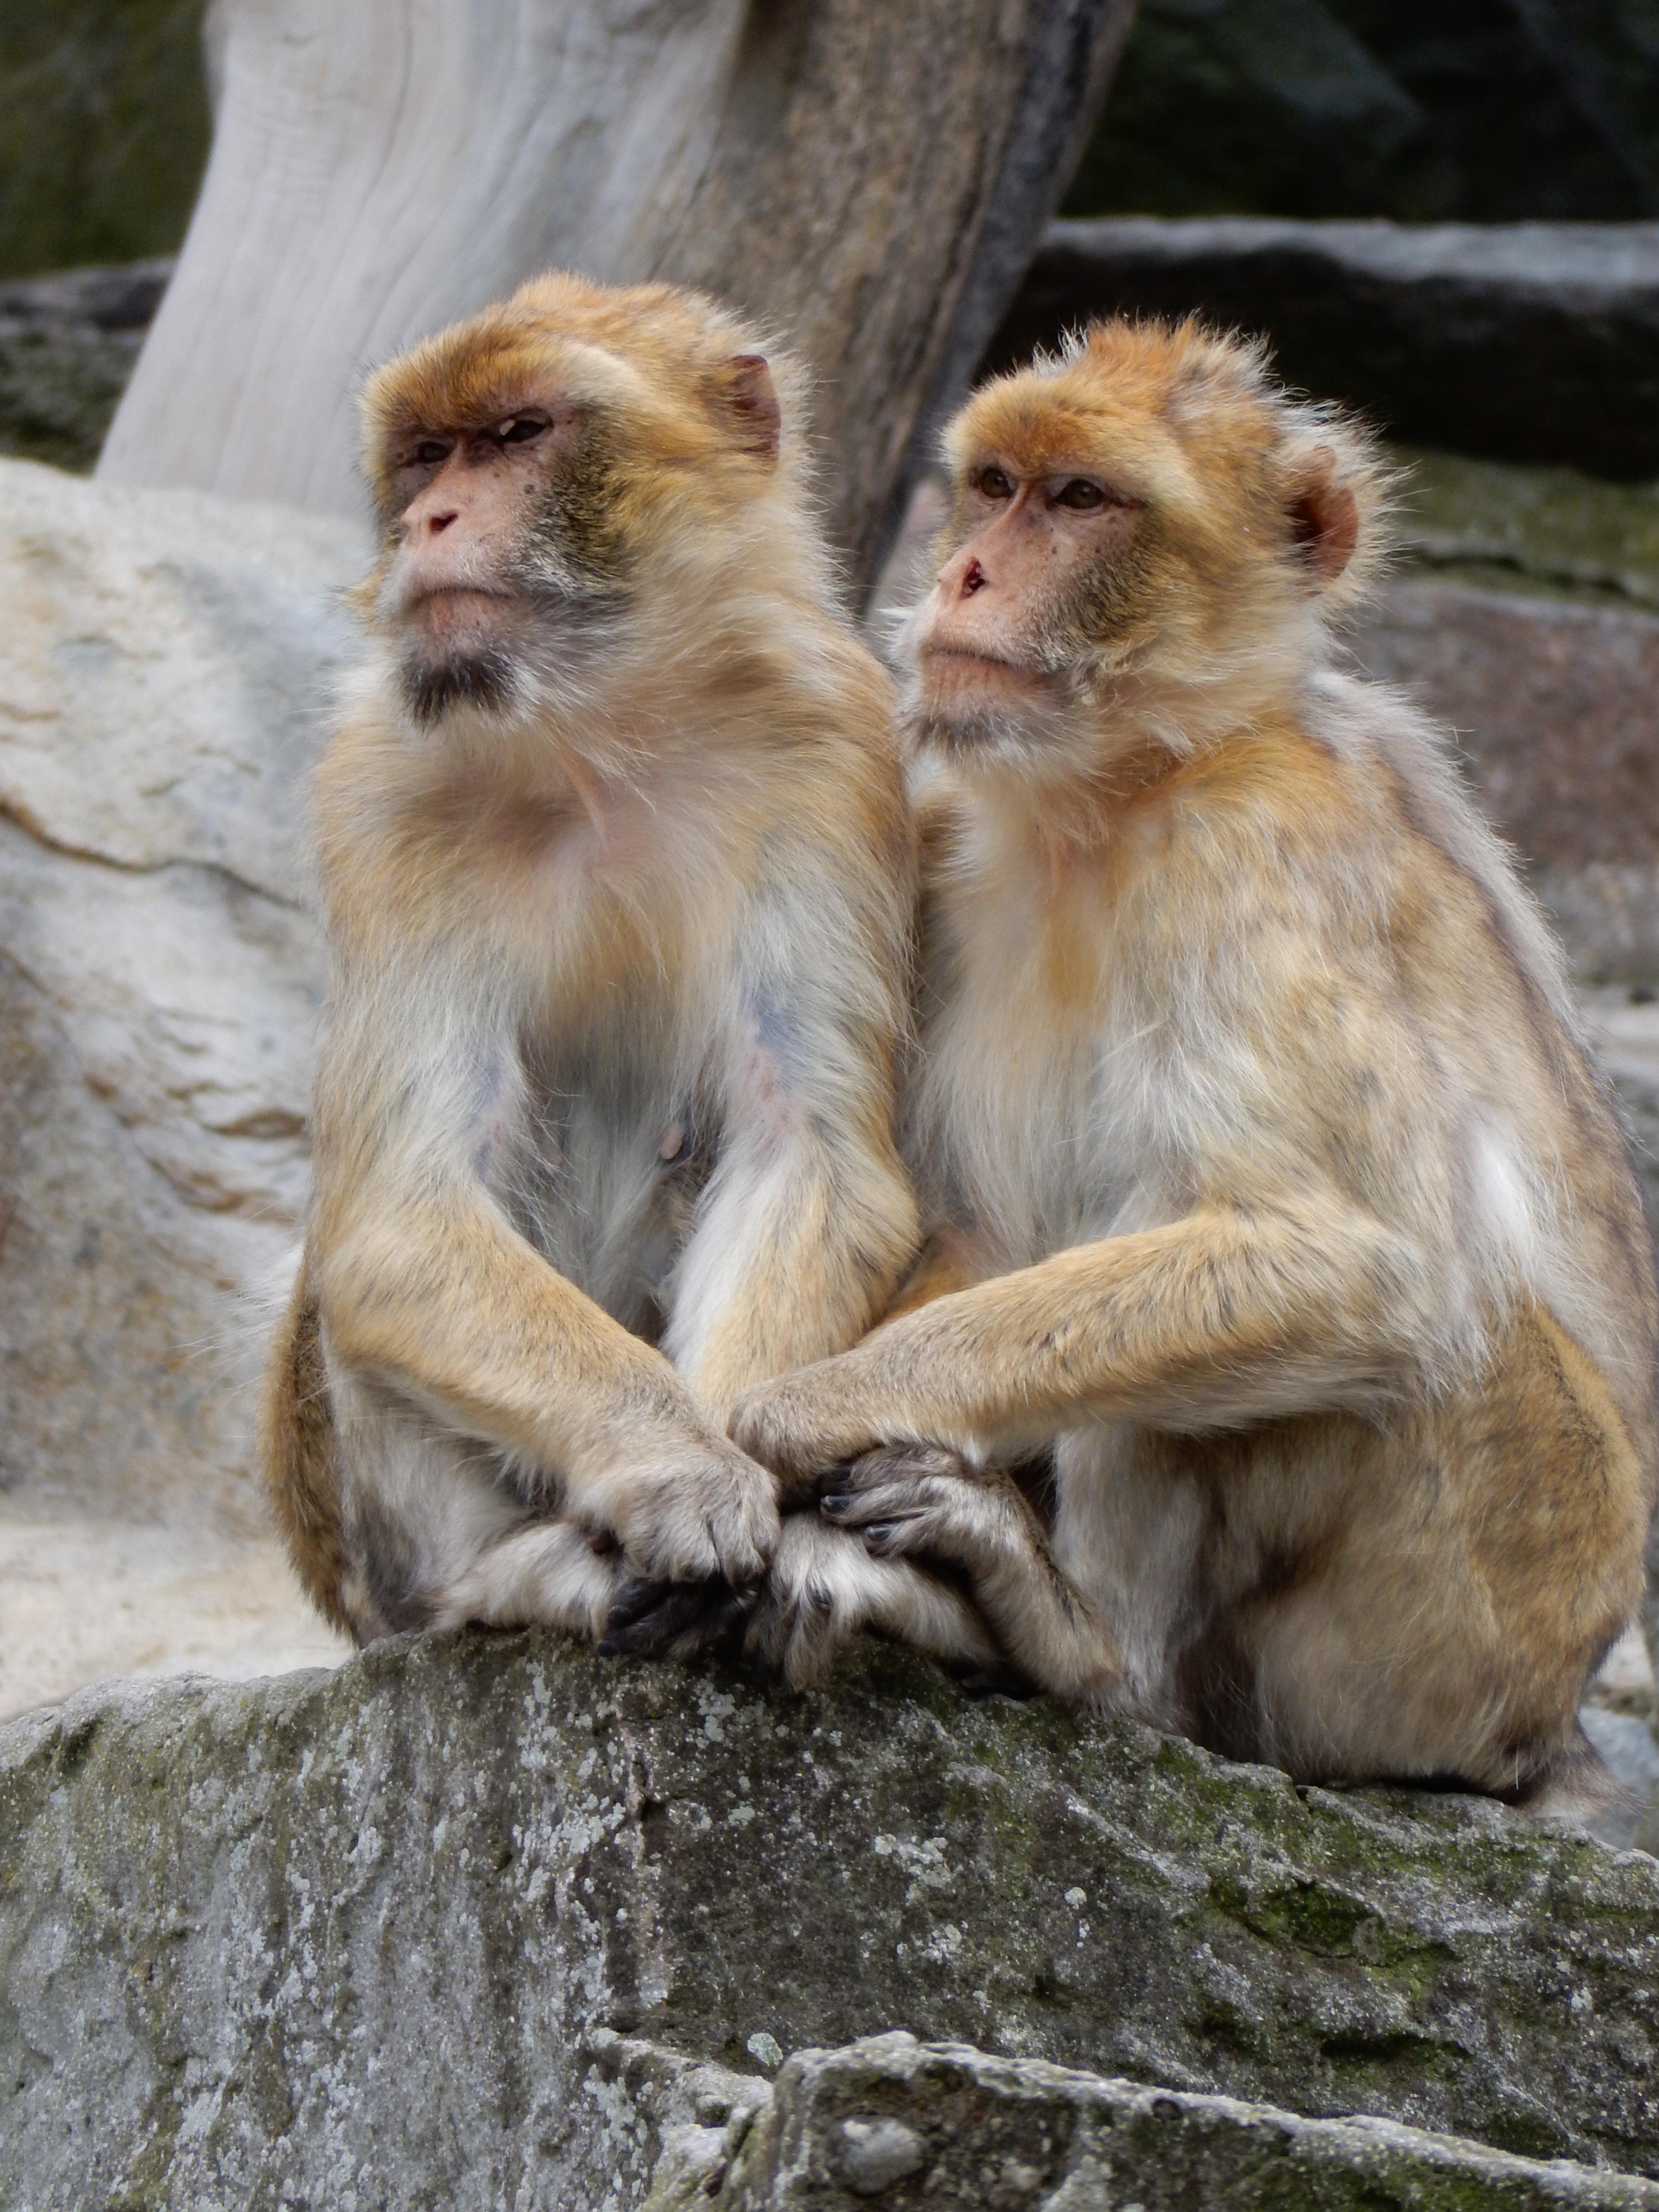 무료 이미지 : 귀엽다, 야생 생물, 동물원, 두, 포유 동물, 동물 상, 대주교, 척골가 있는, 융단